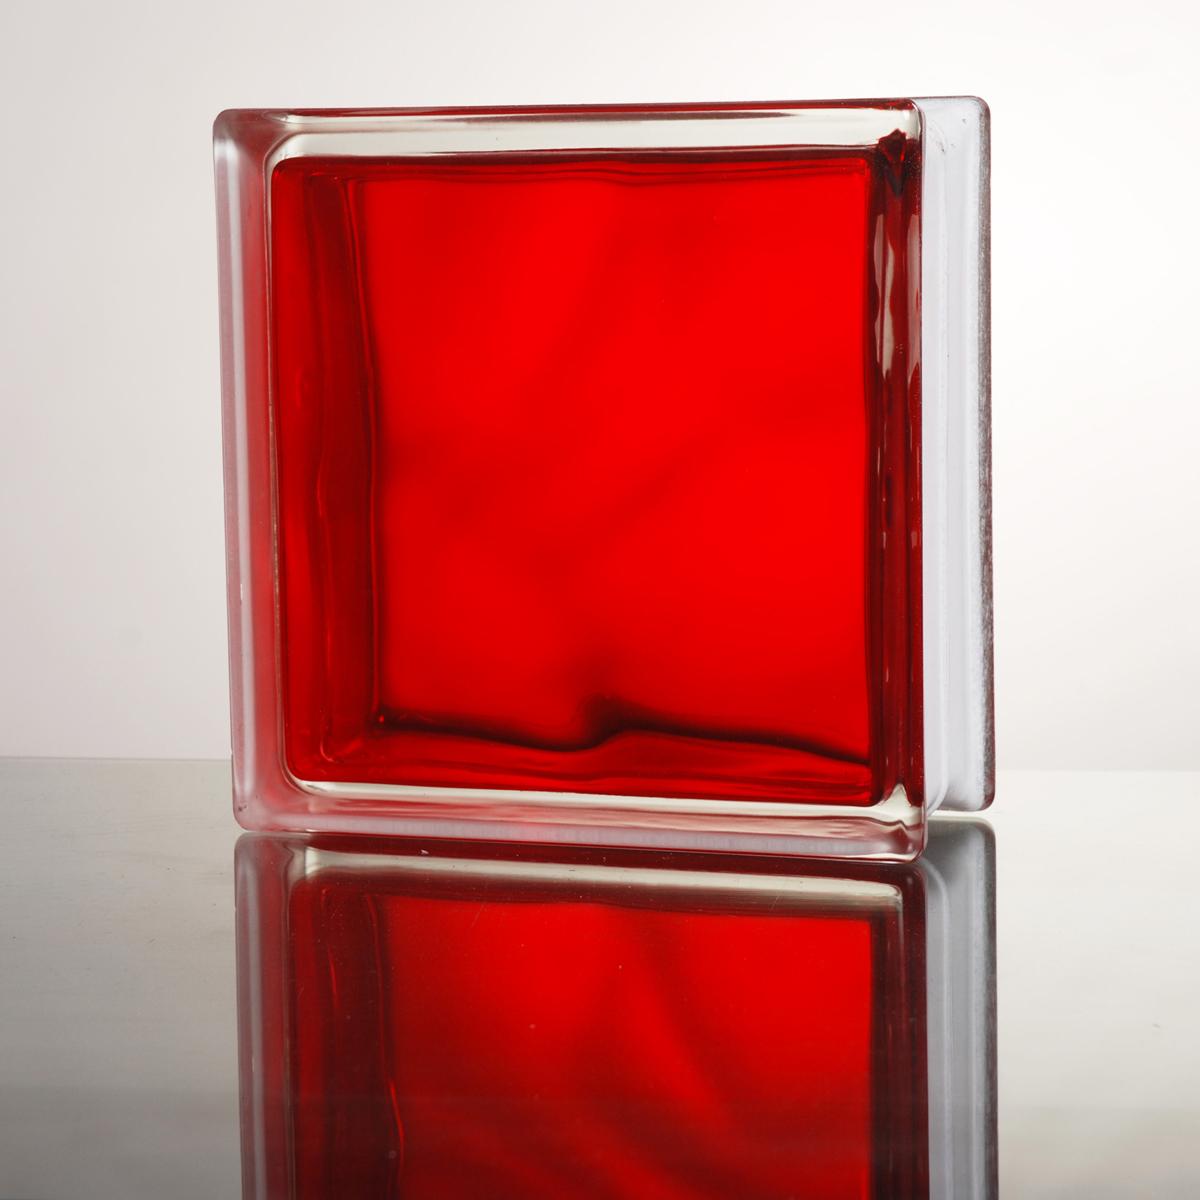 ガラスブロック:期間限定セール ガラスブロック 送料無料 6個セット 高品質 80mm厚 インカラーレッド